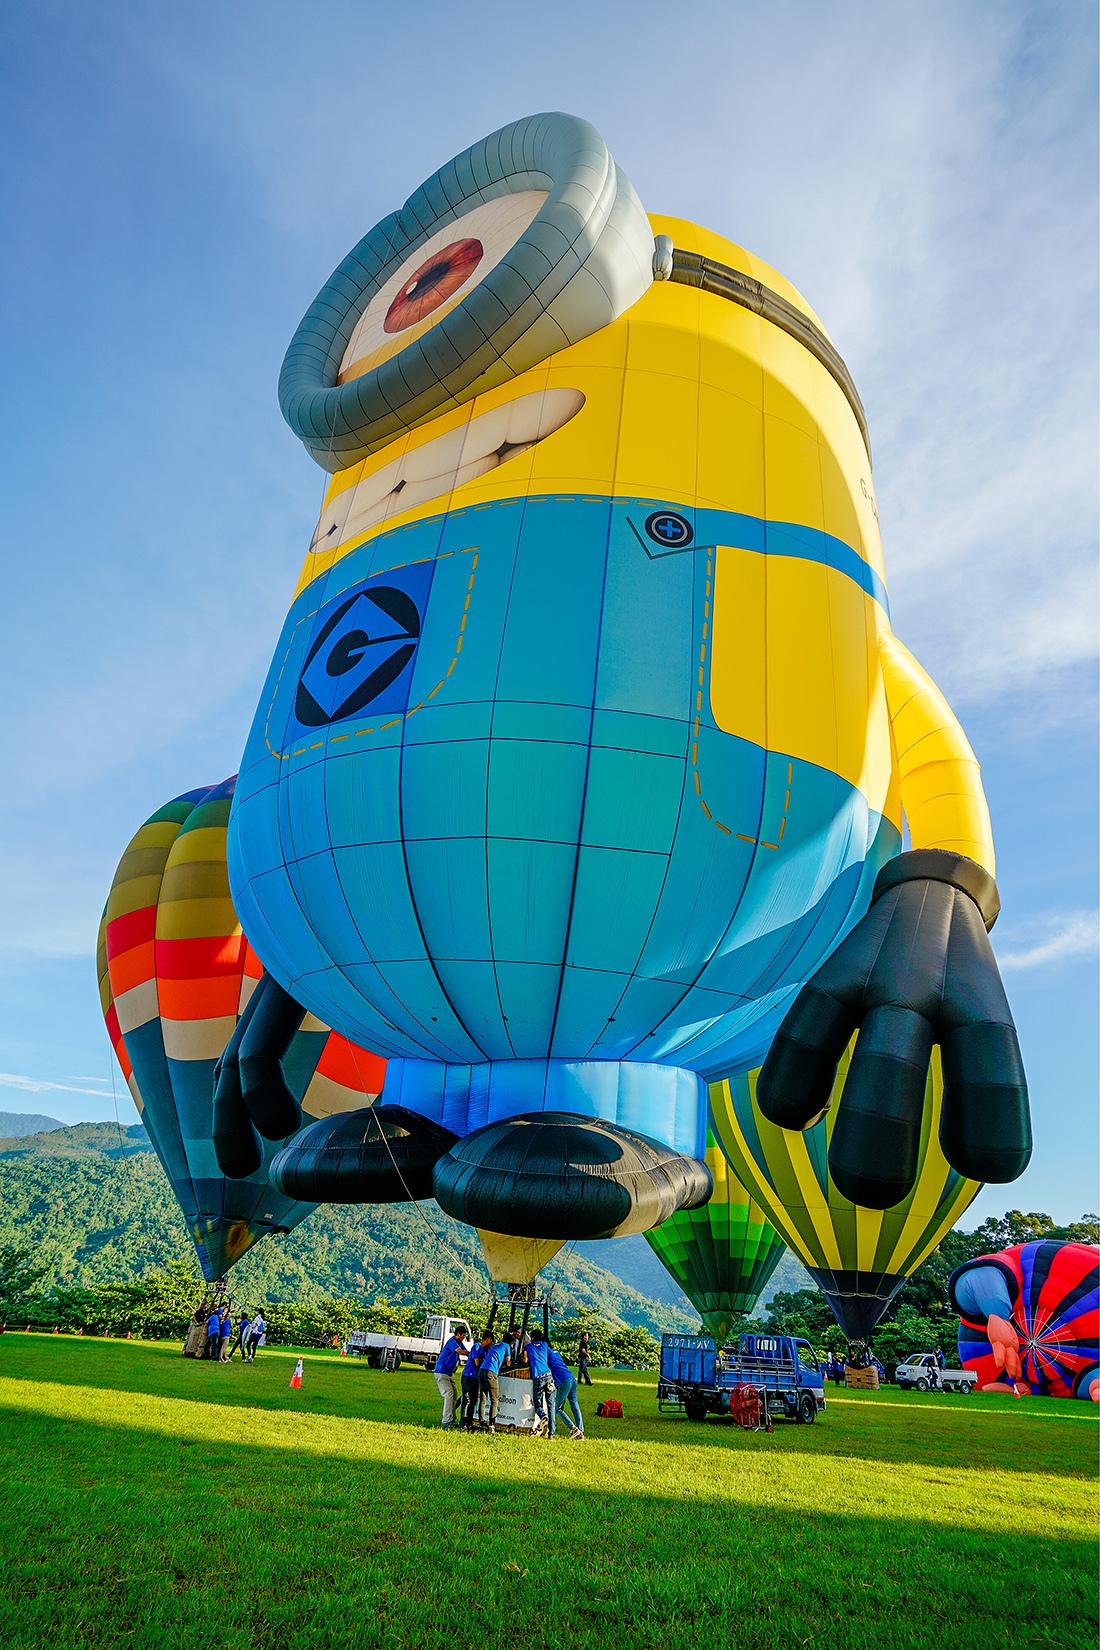 在热气球节,热气球4种玩法一次玩嗨,请羡慕吧